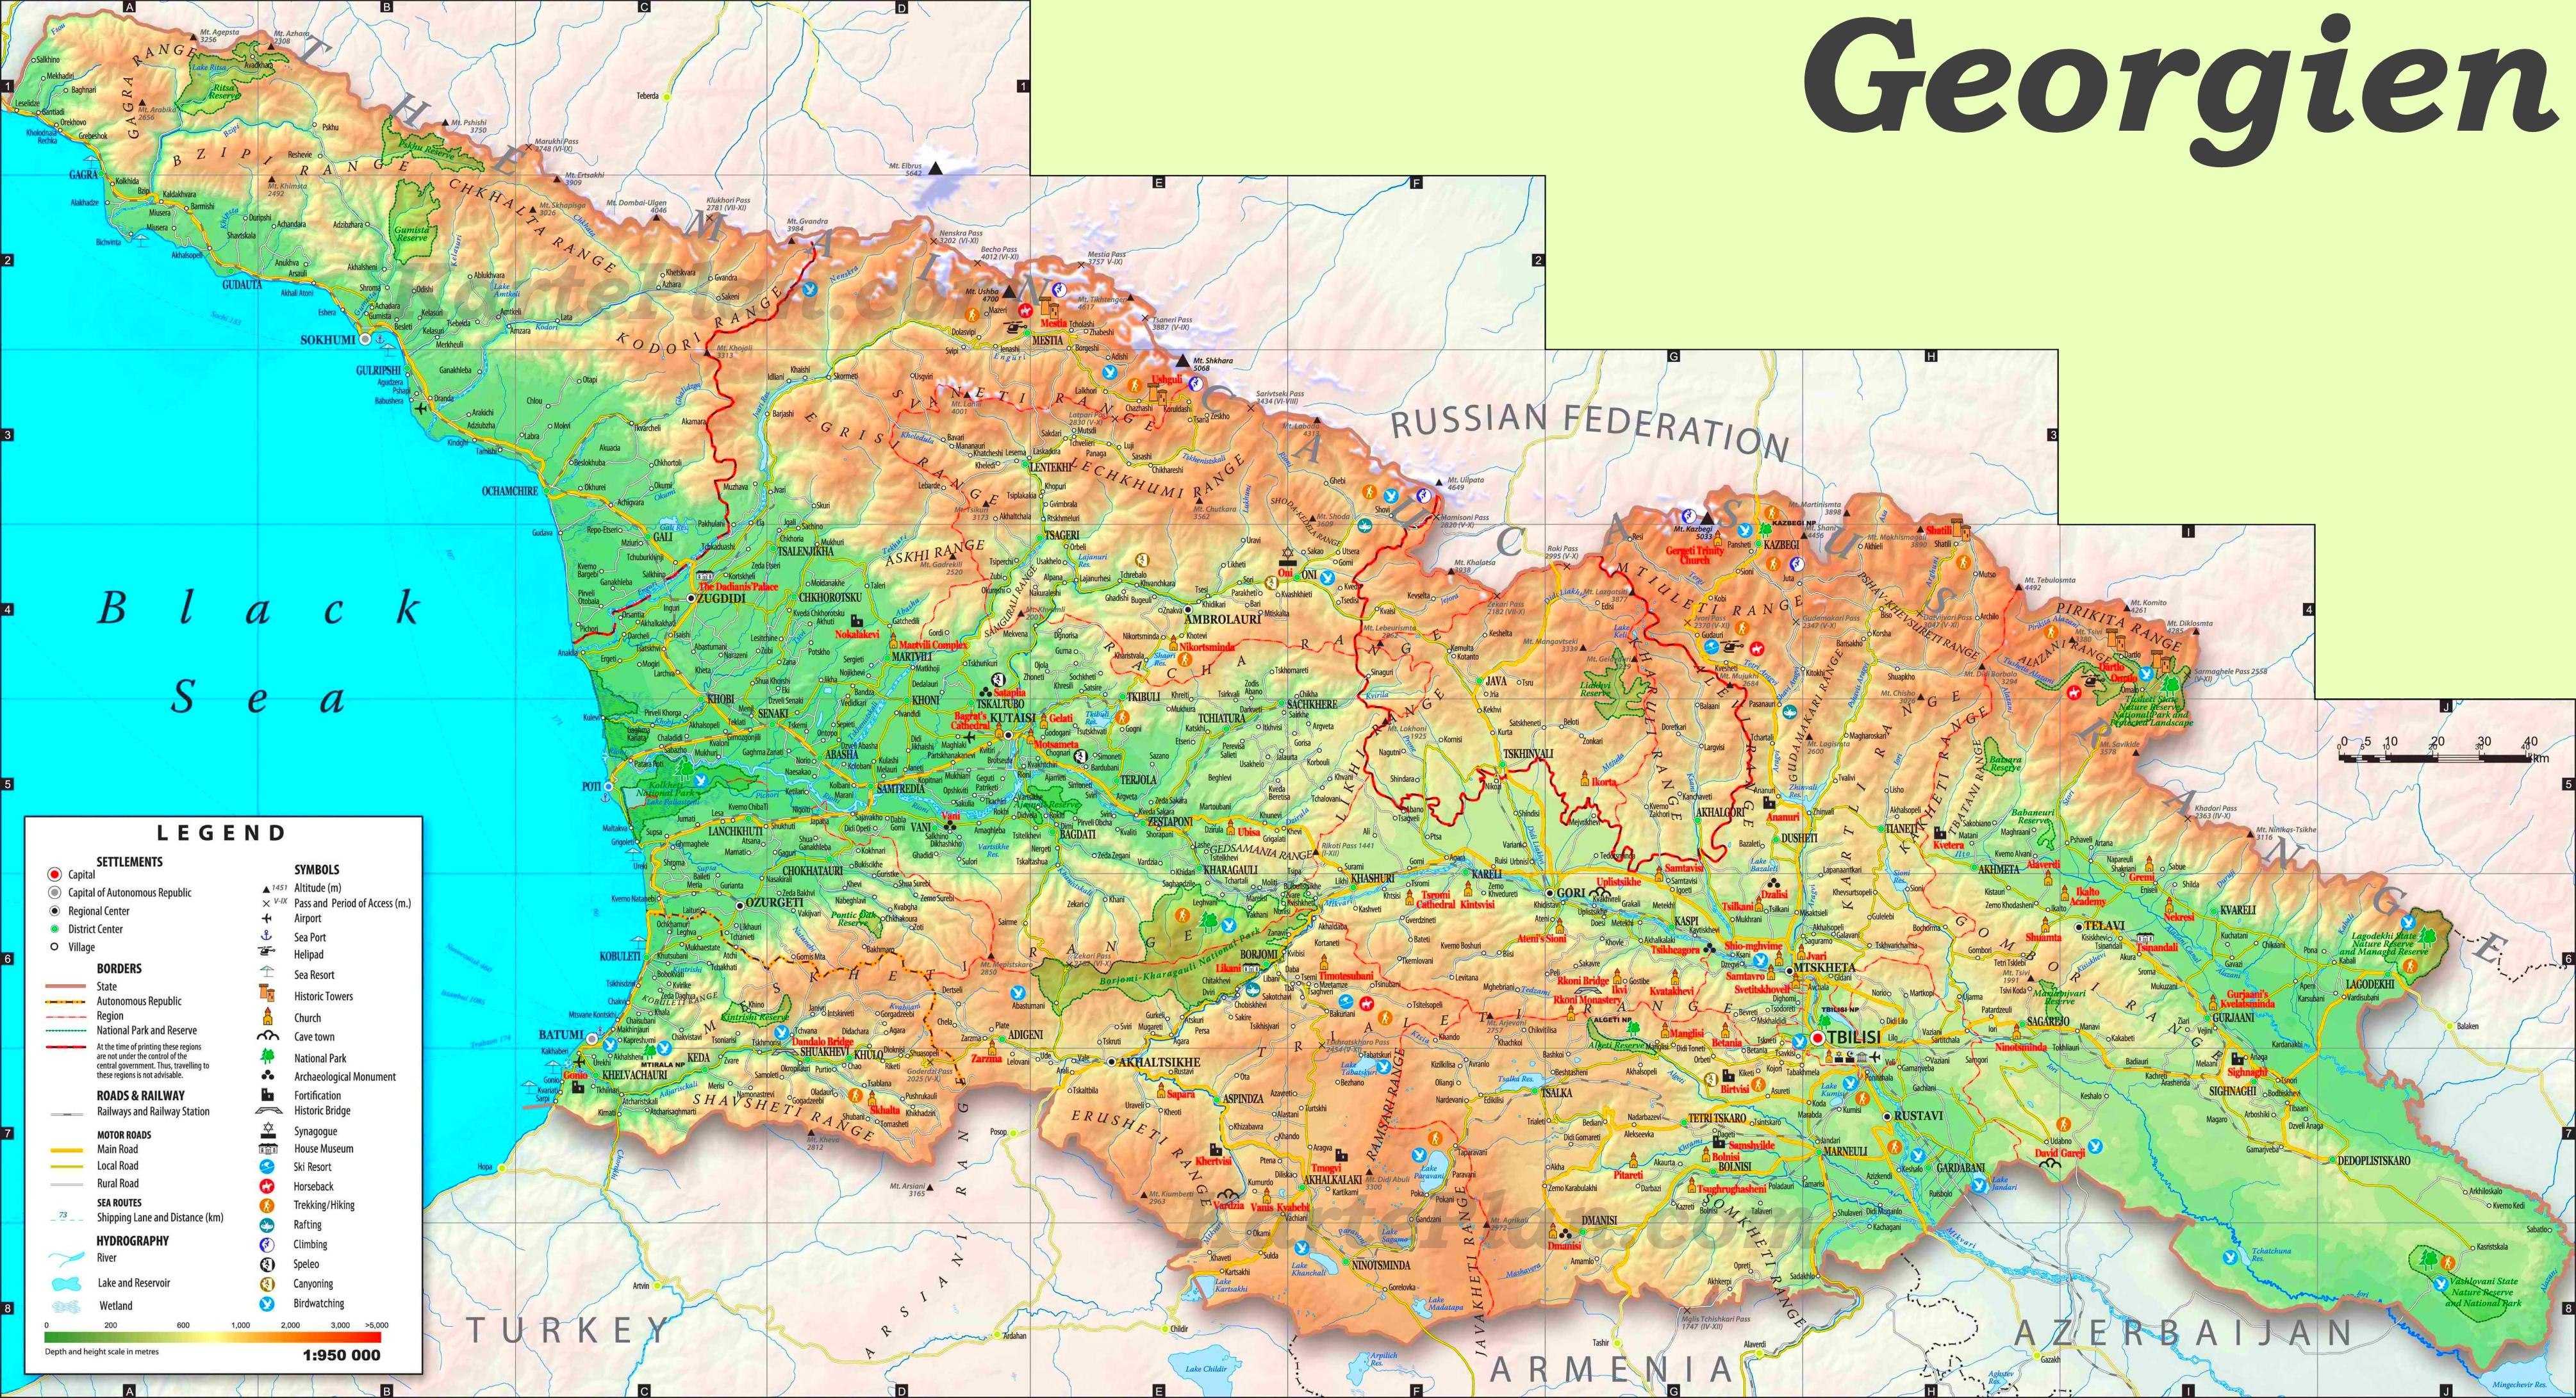 Georgien Touristische Karte